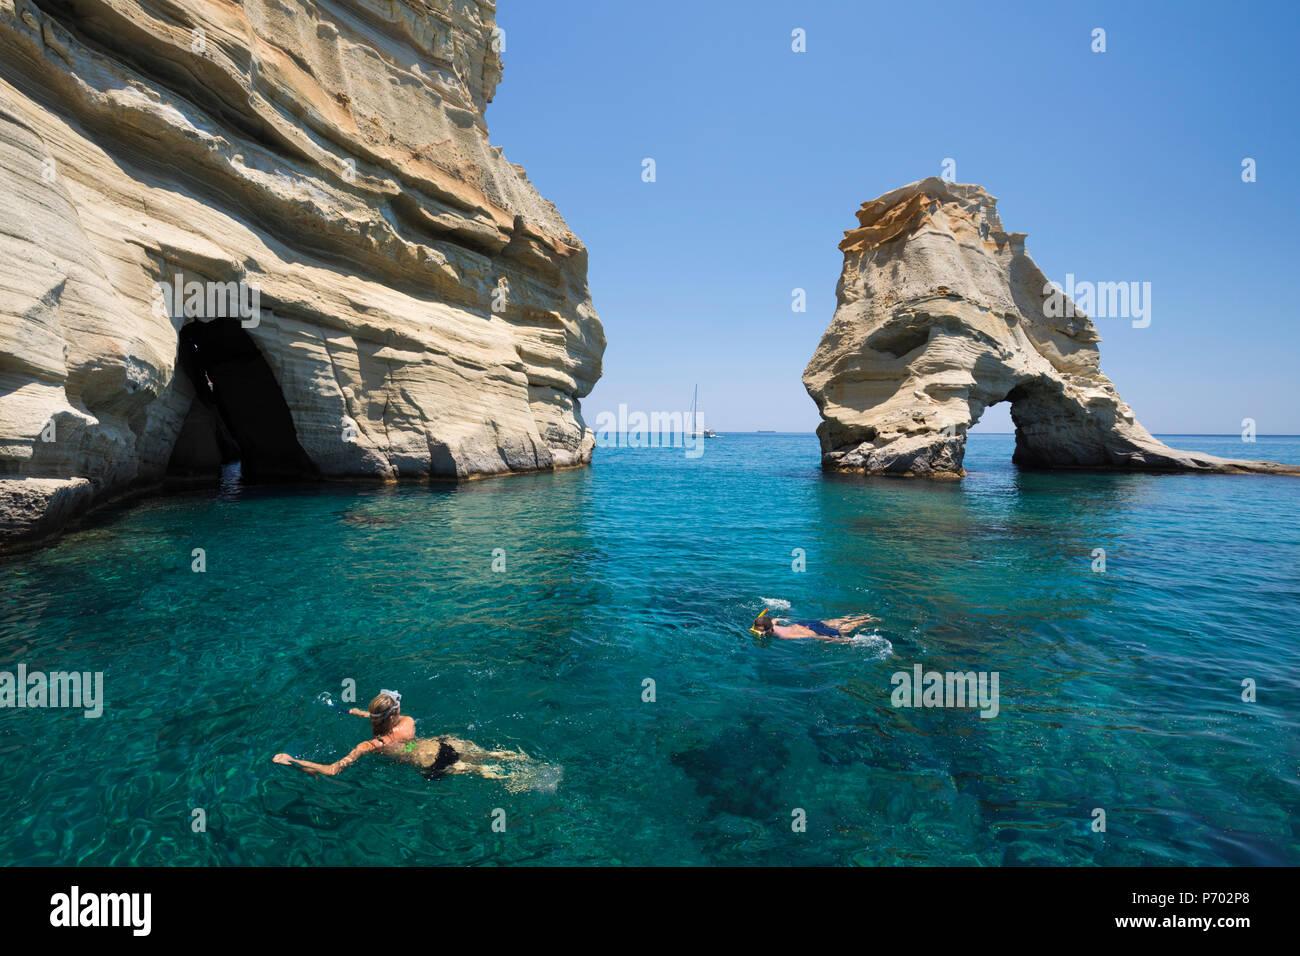 Schnorchler unter Felsformationen mit kristallklarem Wasser, Kleftiko, Milos, Kykladen, Ägäis, griechische Inseln, Griechenland, Europa Stockbild